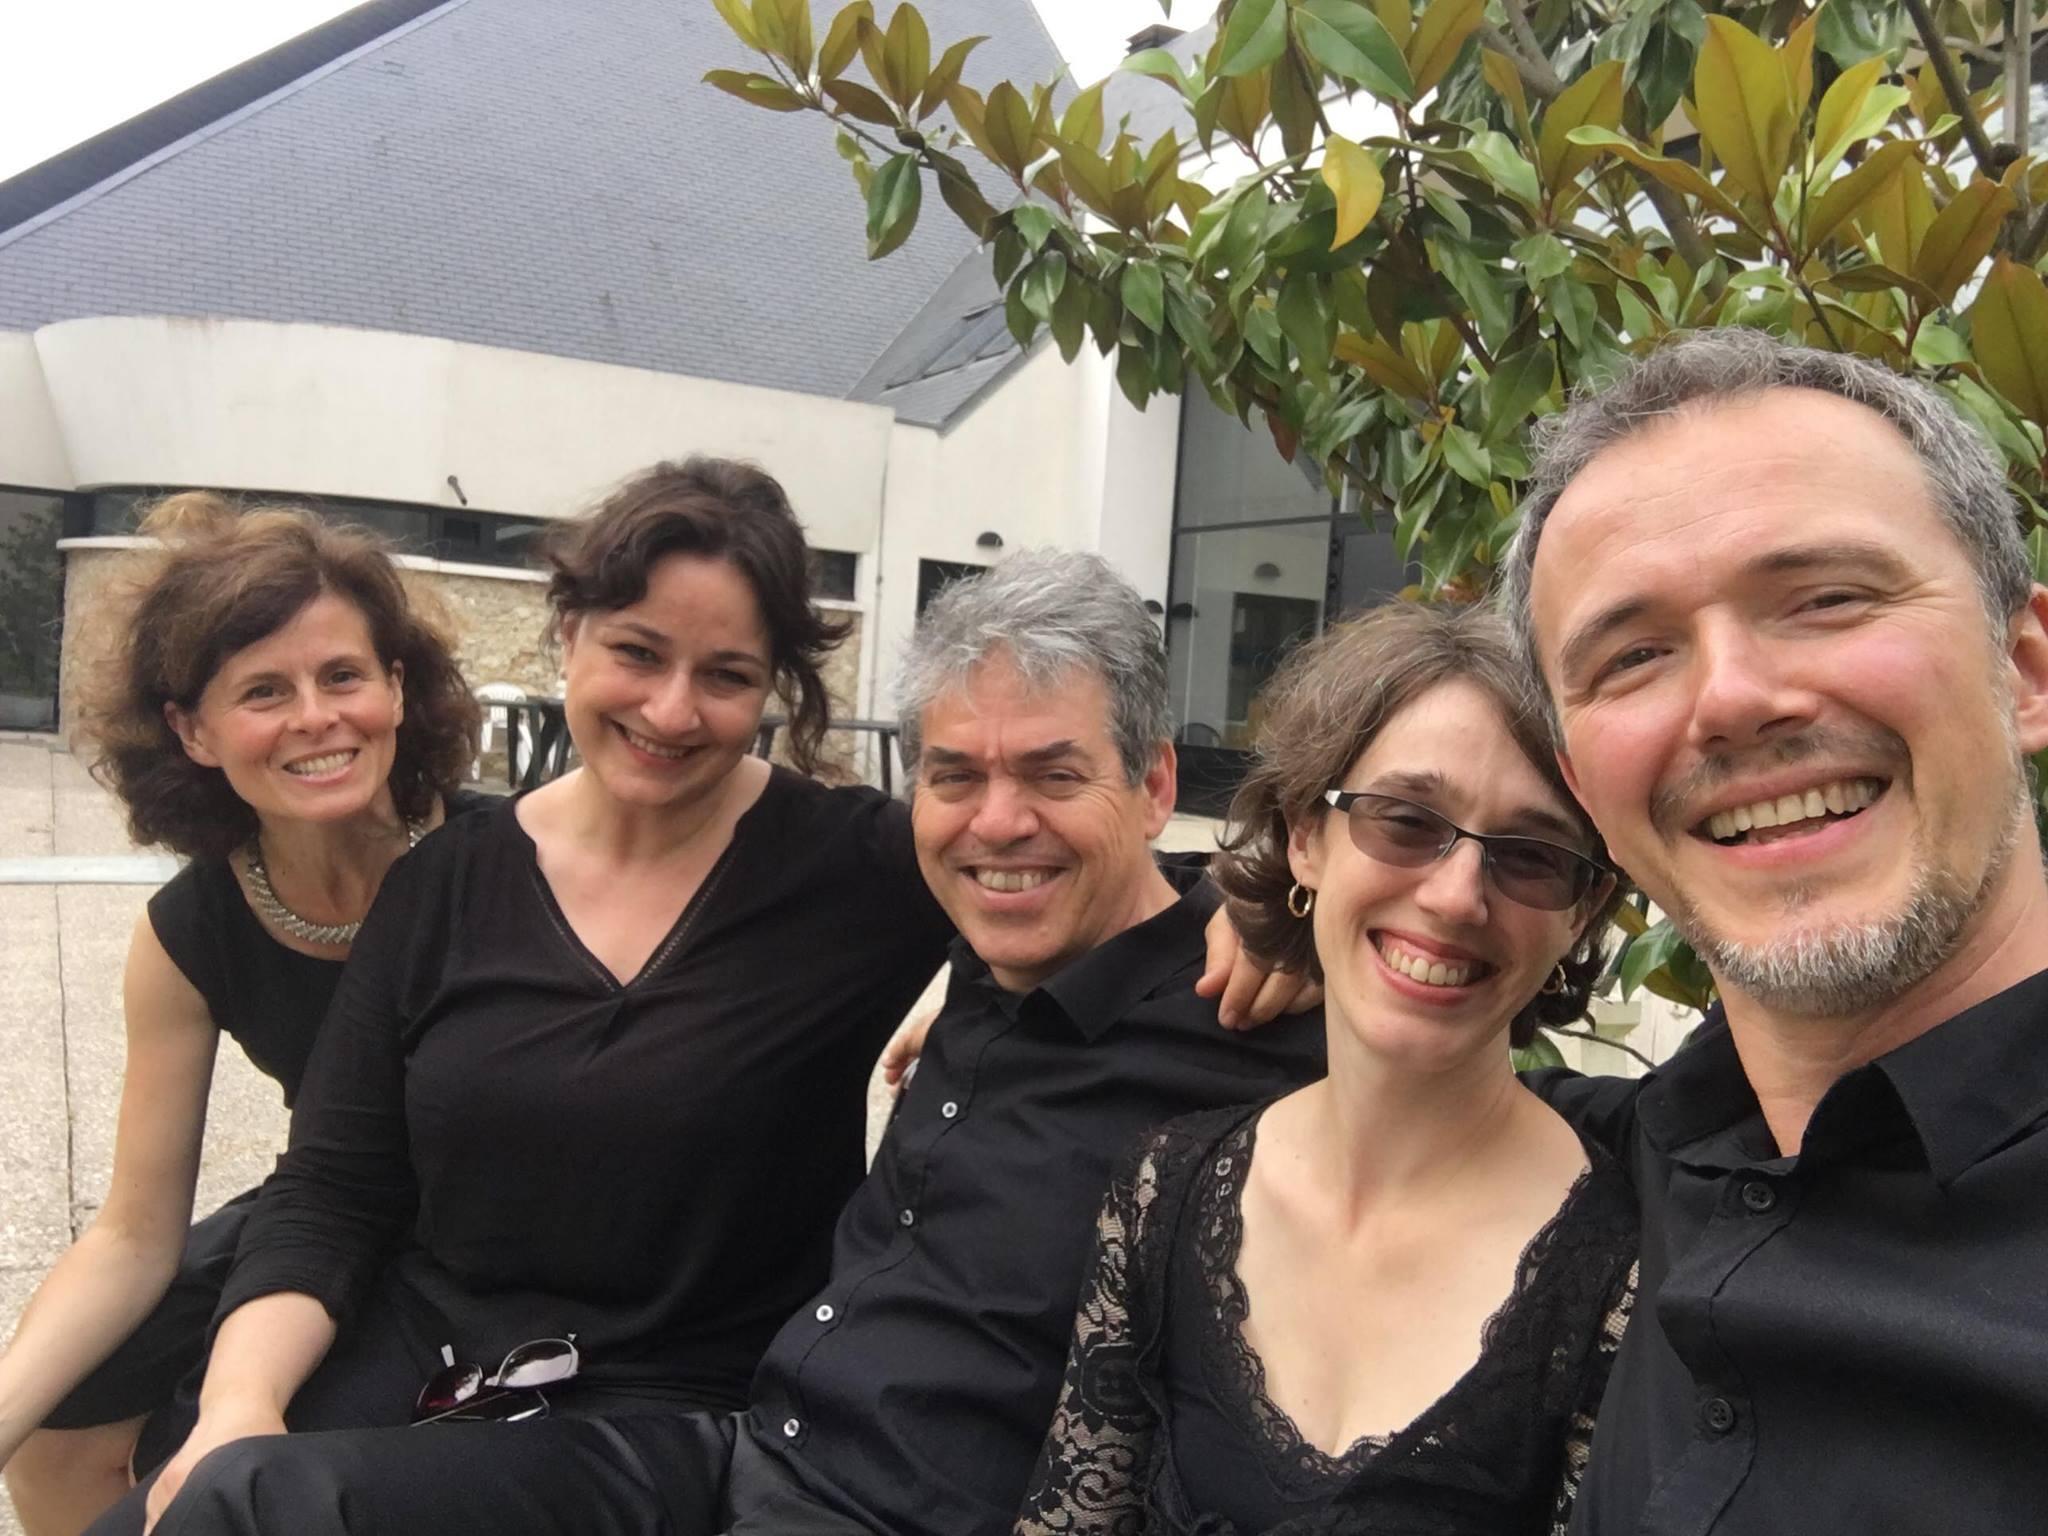 Concert le vendredi 12 juillet 2019, au Mas d'Orcières 48190, avec le quatuor Midi-Minuit